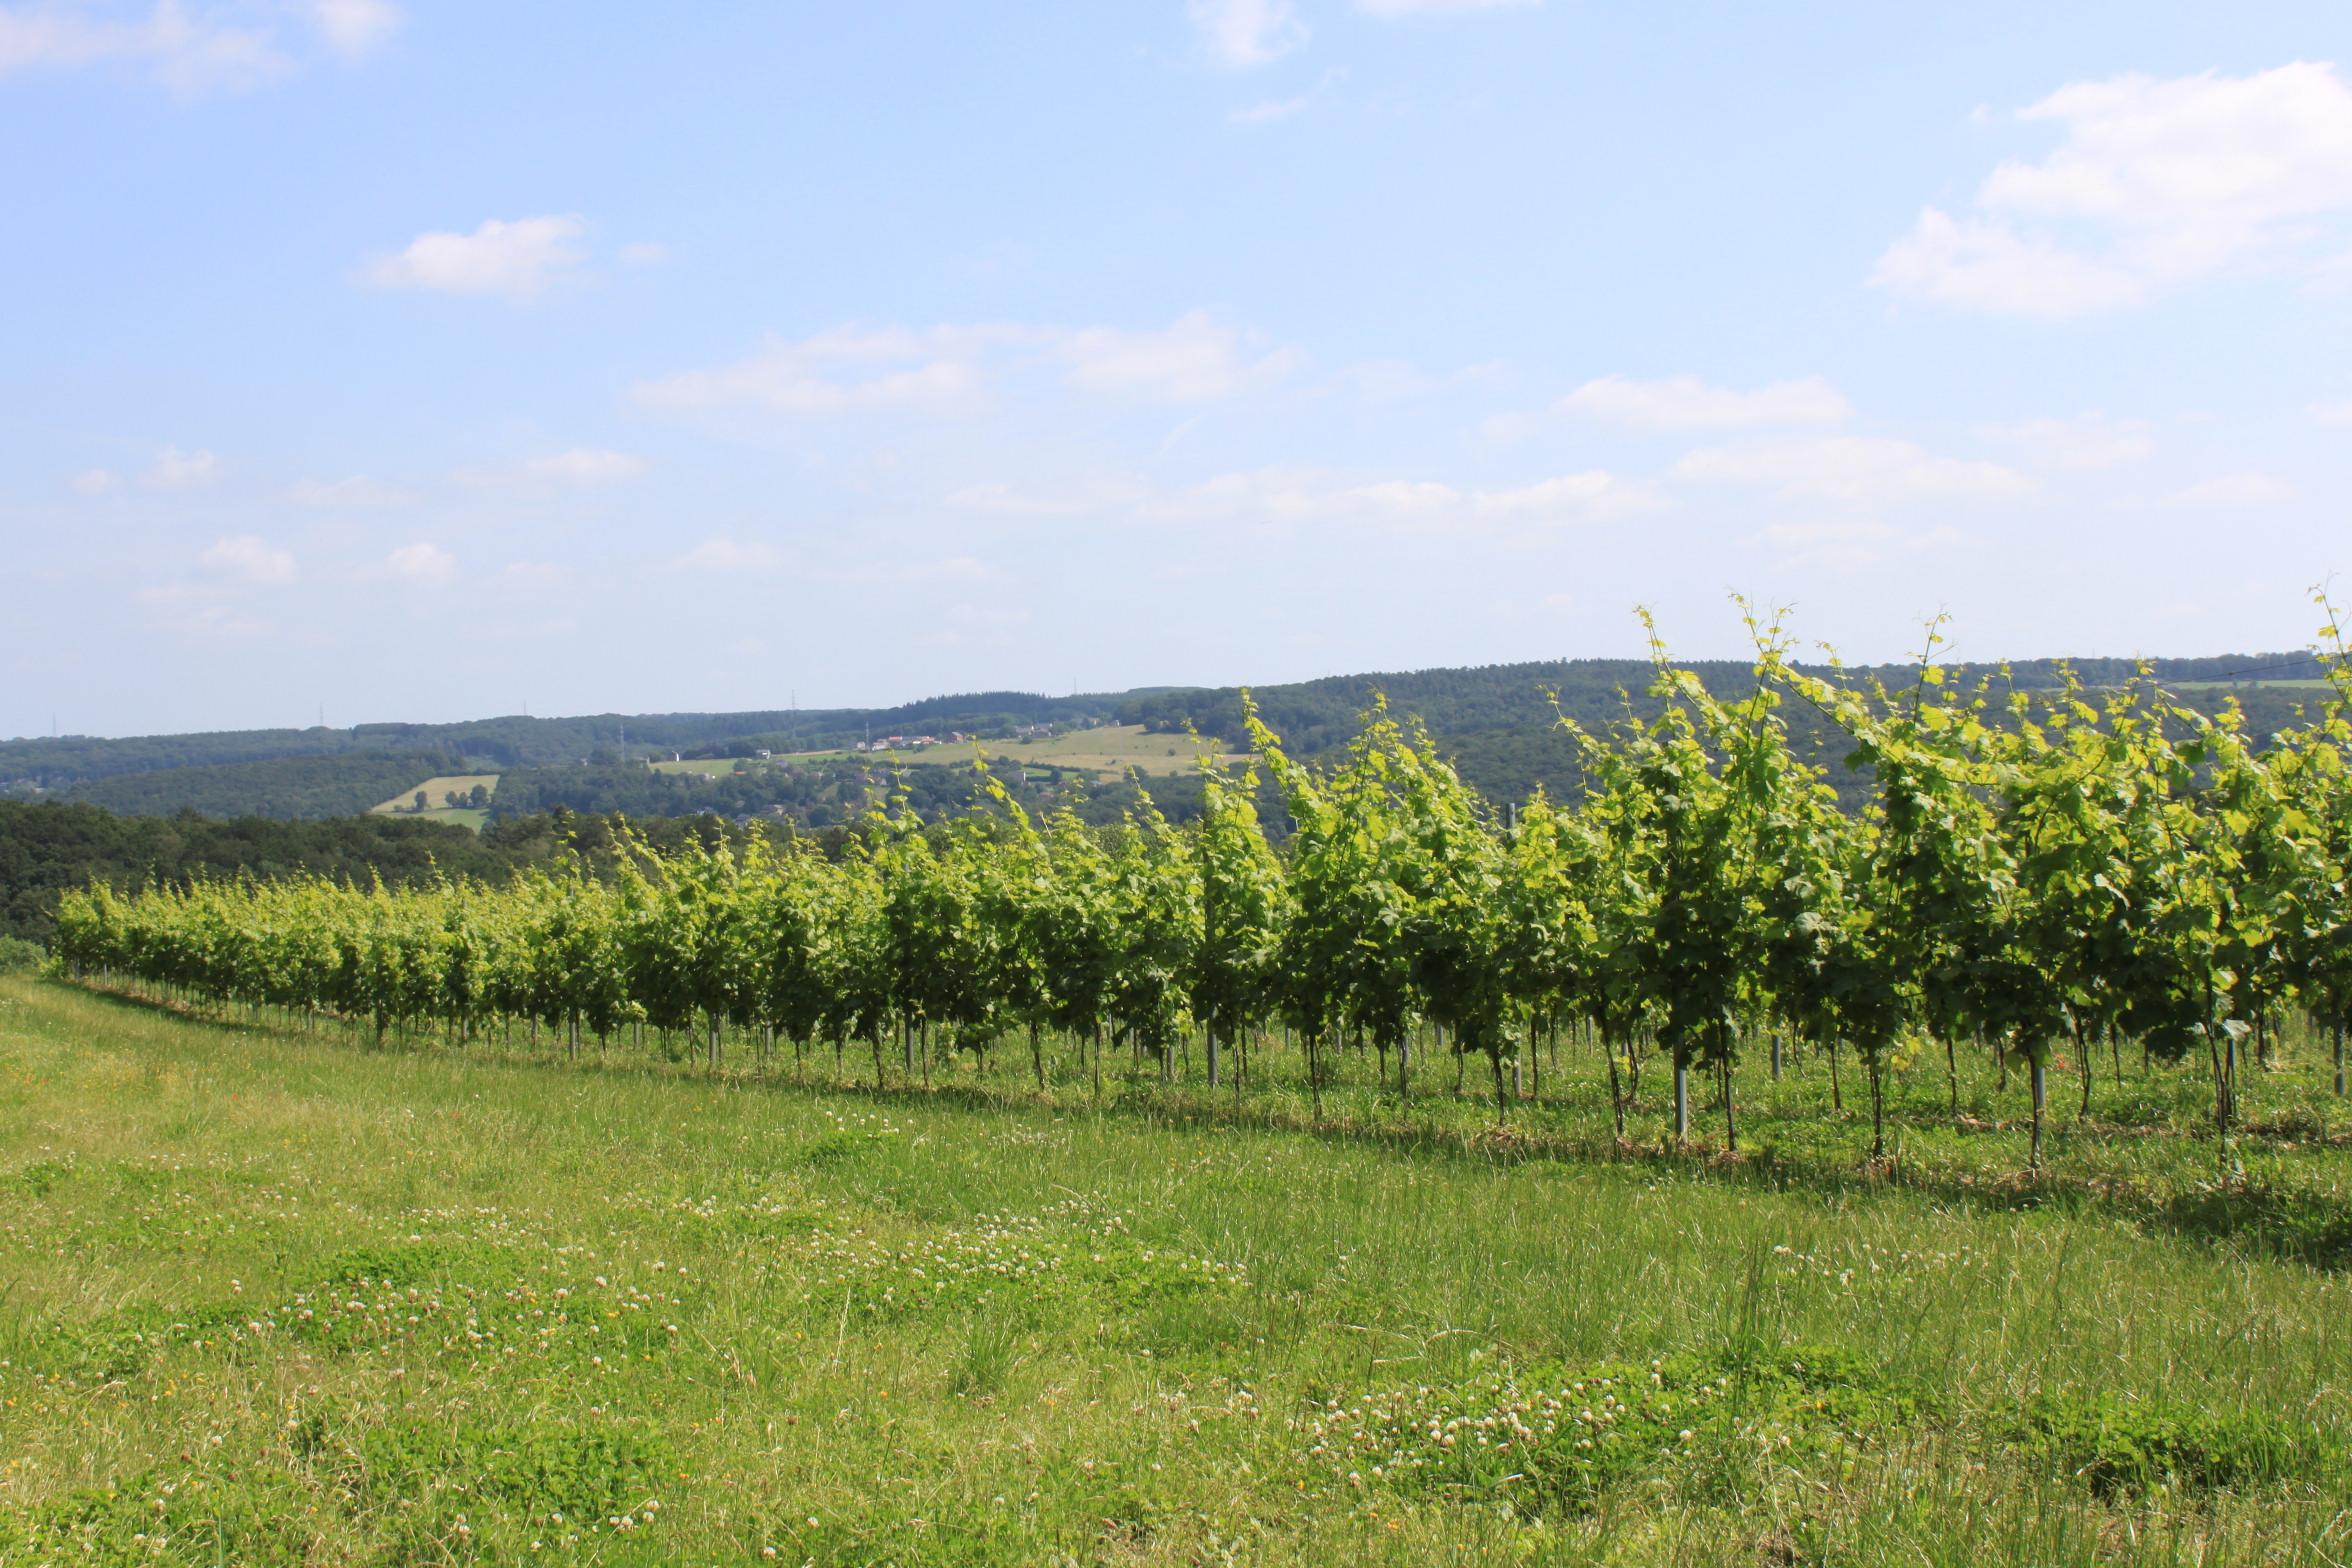 Wijngaard July 2021